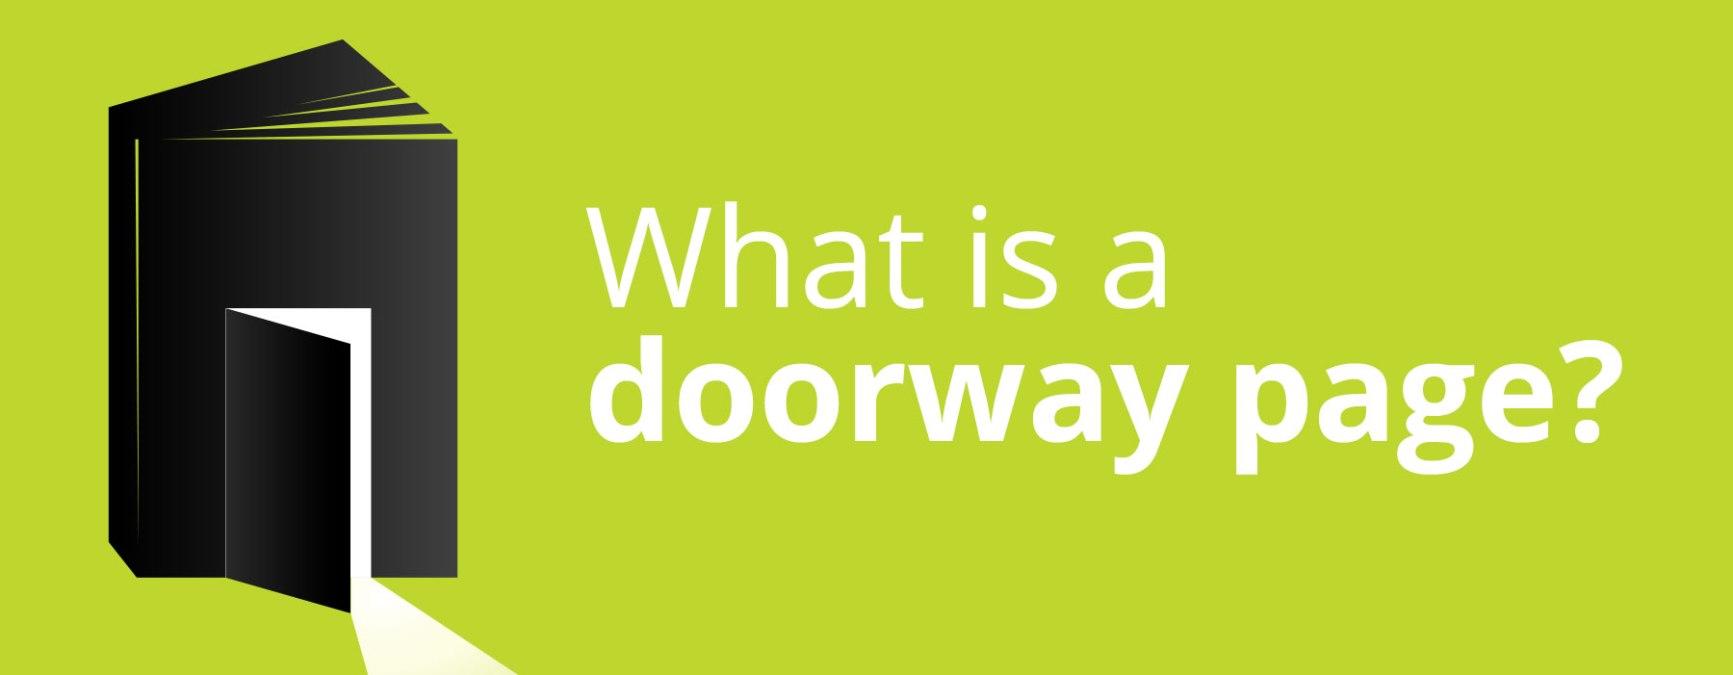 Google's Doorway Update – What is a Doorway Page?